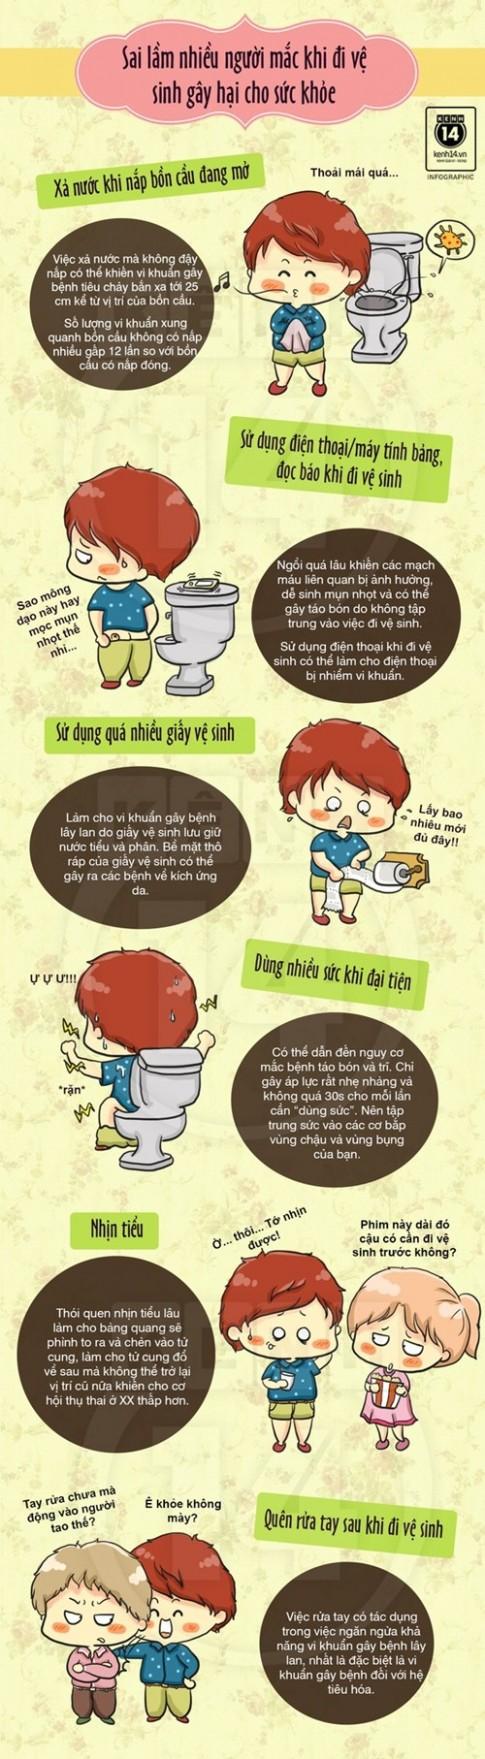 Sai lầm cực nhiều người mắc mỗi khi đi vệ sinh